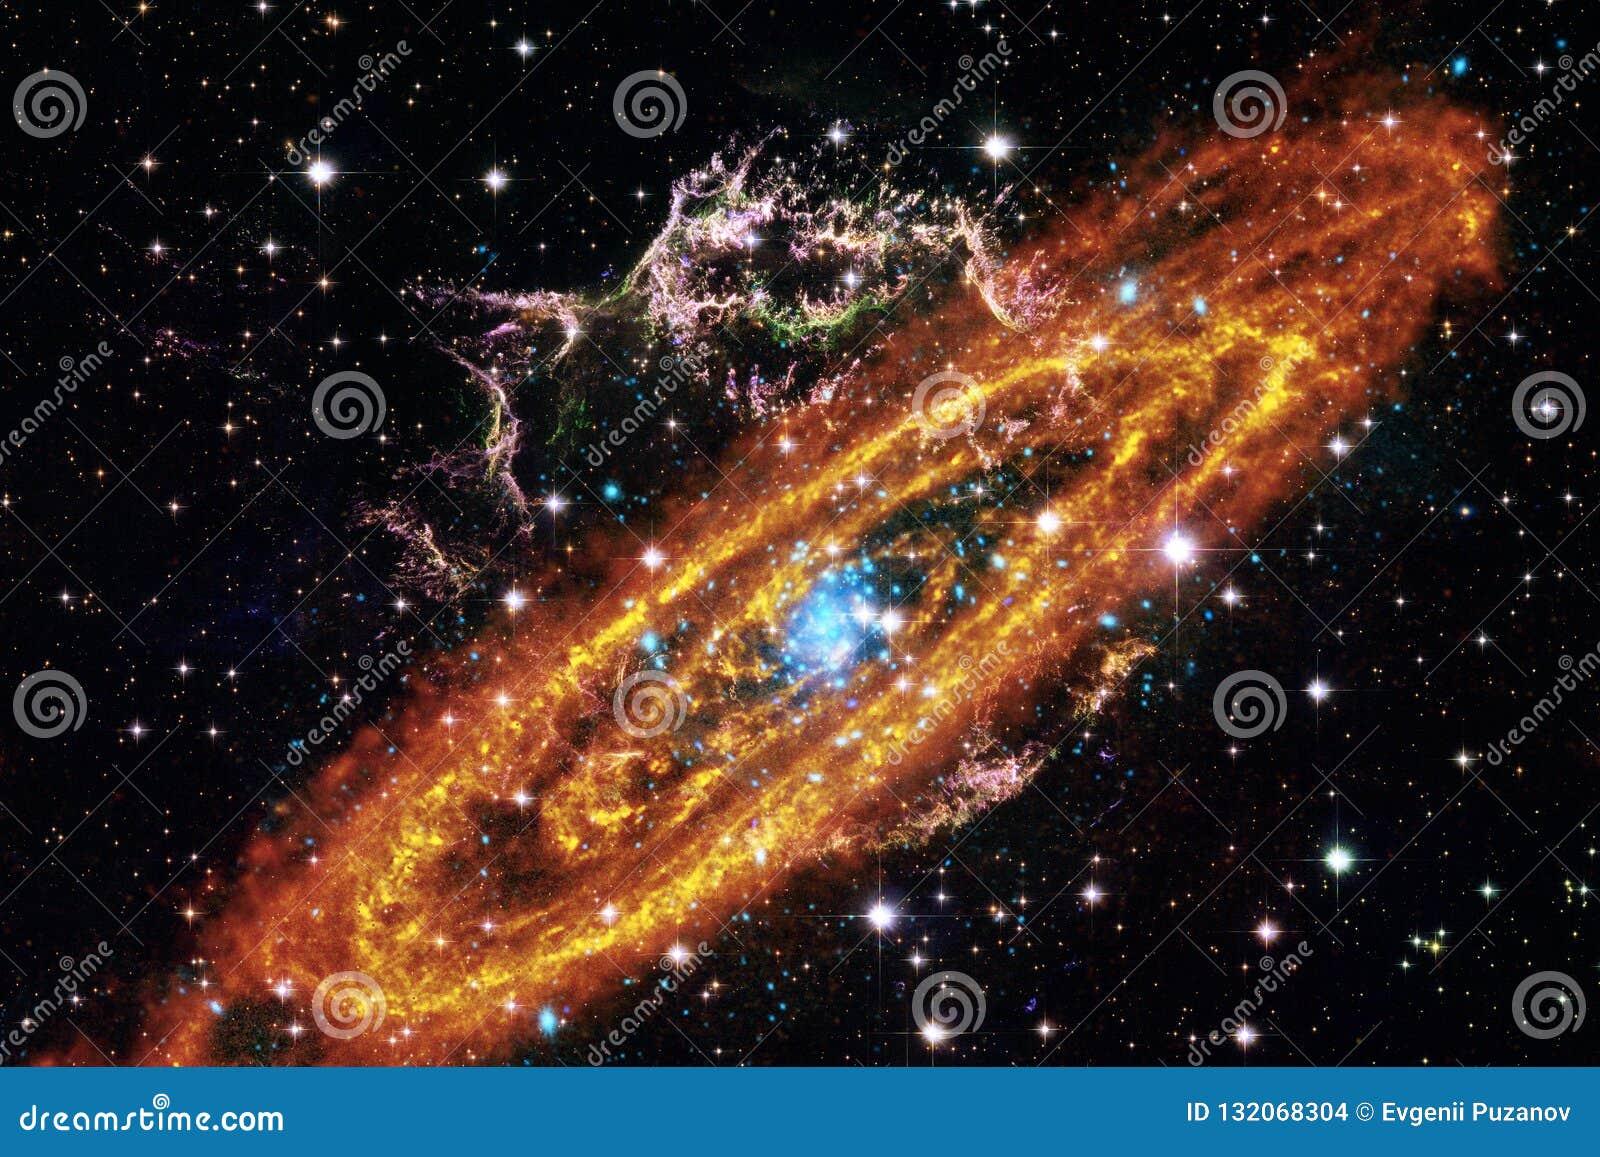 Fond cosmique de galaxie avec des nébuleuses, des chimères et des étoiles lumineuses